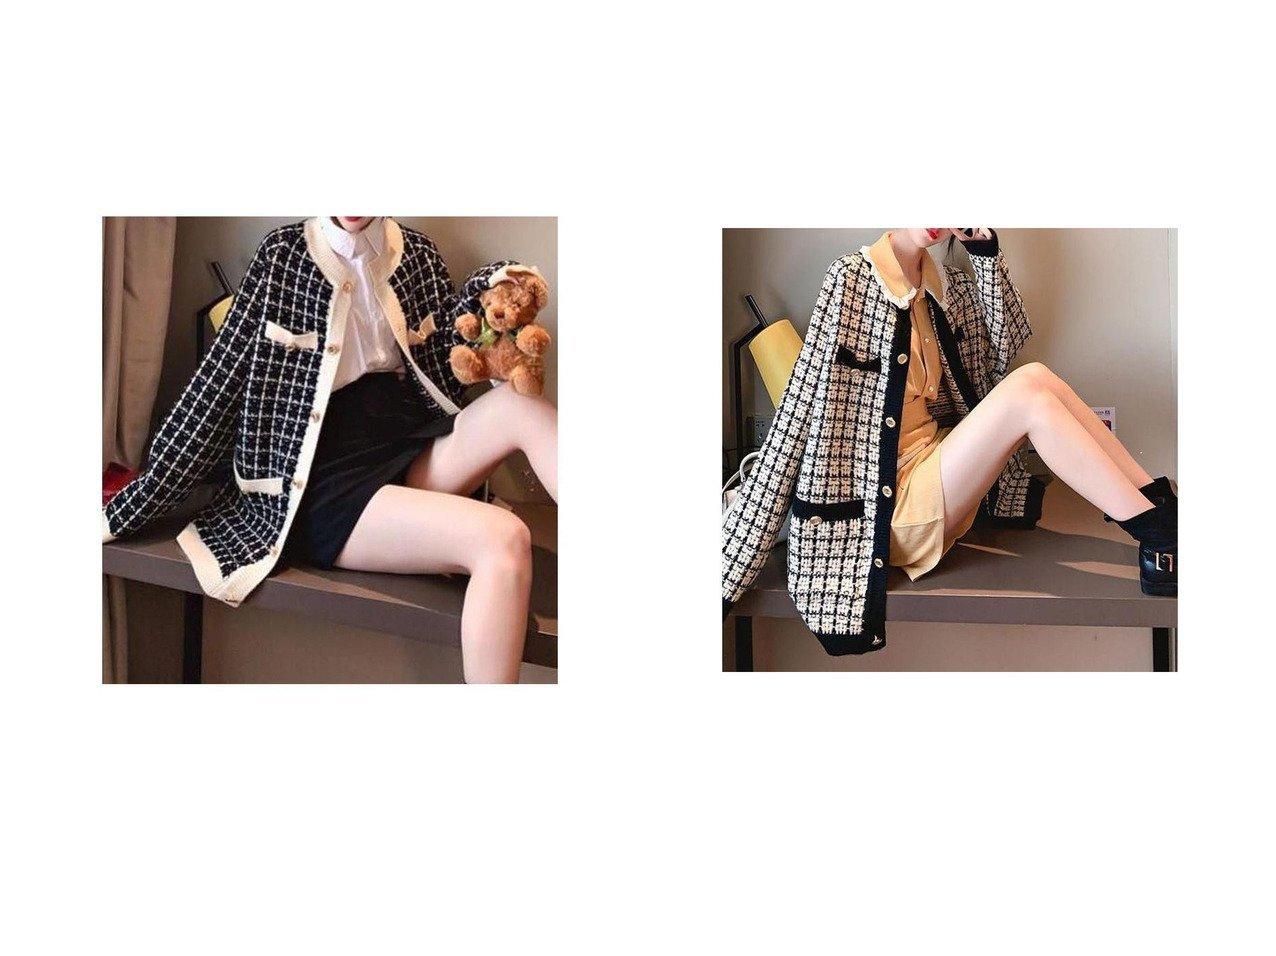 【me Jane/ミージェーン】のチェックツイードカーディガン おすすめ!人気、トレンド・レディースファッションの通販 おすすめで人気の流行・トレンド、ファッションの通販商品 インテリア・家具・メンズファッション・キッズファッション・レディースファッション・服の通販 founy(ファニー) https://founy.com/ ファッション Fashion レディースファッション WOMEN トップス・カットソー Tops/Tshirt カーディガン Cardigans カーディガン クラシカル ツイード 再入荷 Restock/Back in Stock/Re Arrival  ID:crp329100000071018